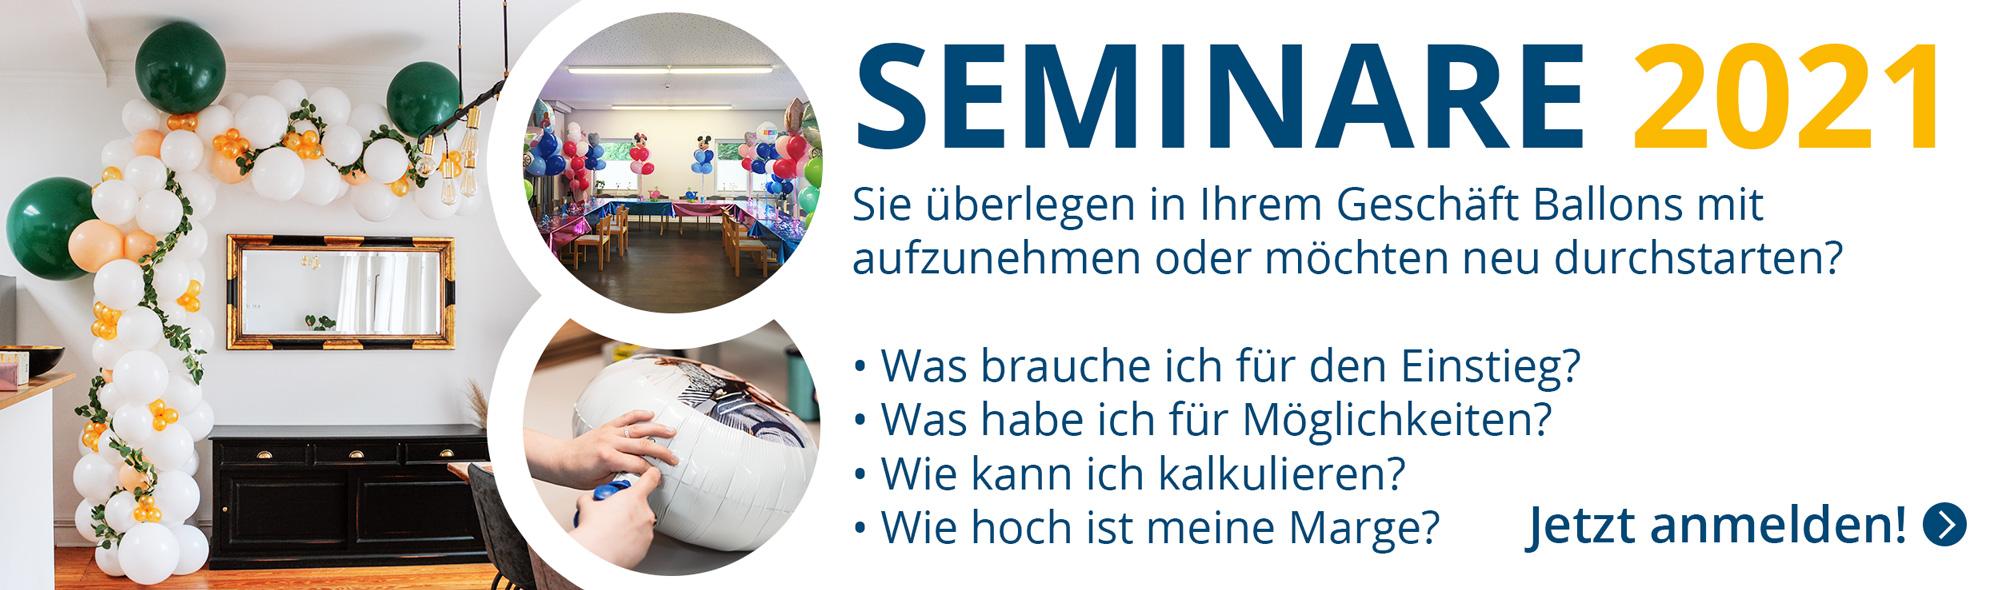 Seminare-2021